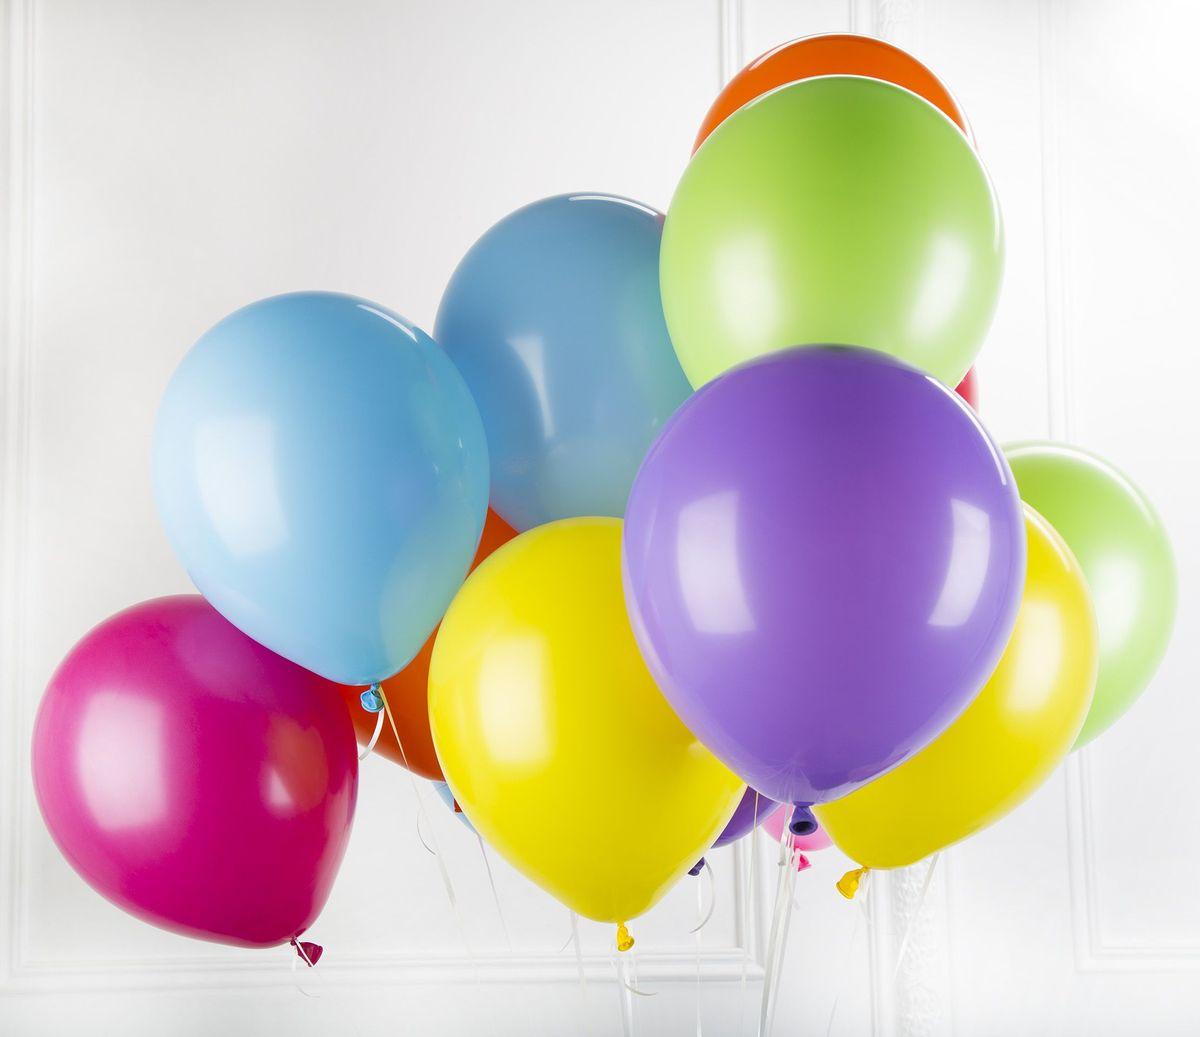 Воздушные шары фото картинки, открытка